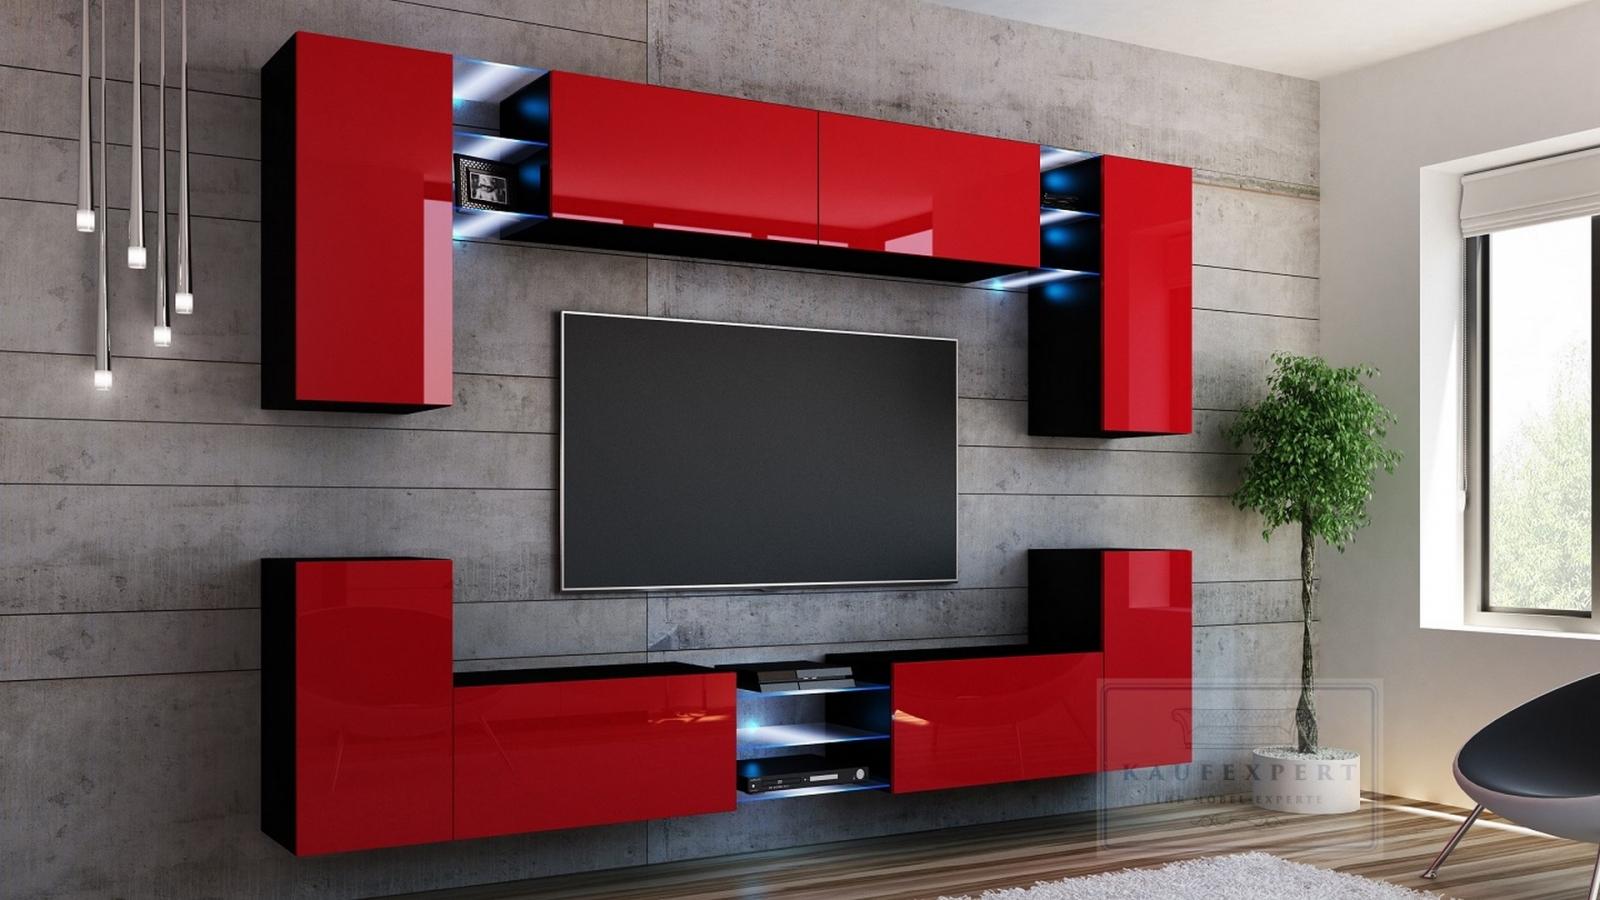 kaufexpert k chenzeile linda schwarz hochglanz 260 cm k che k chenblock mdf arbeitsplatte. Black Bedroom Furniture Sets. Home Design Ideas